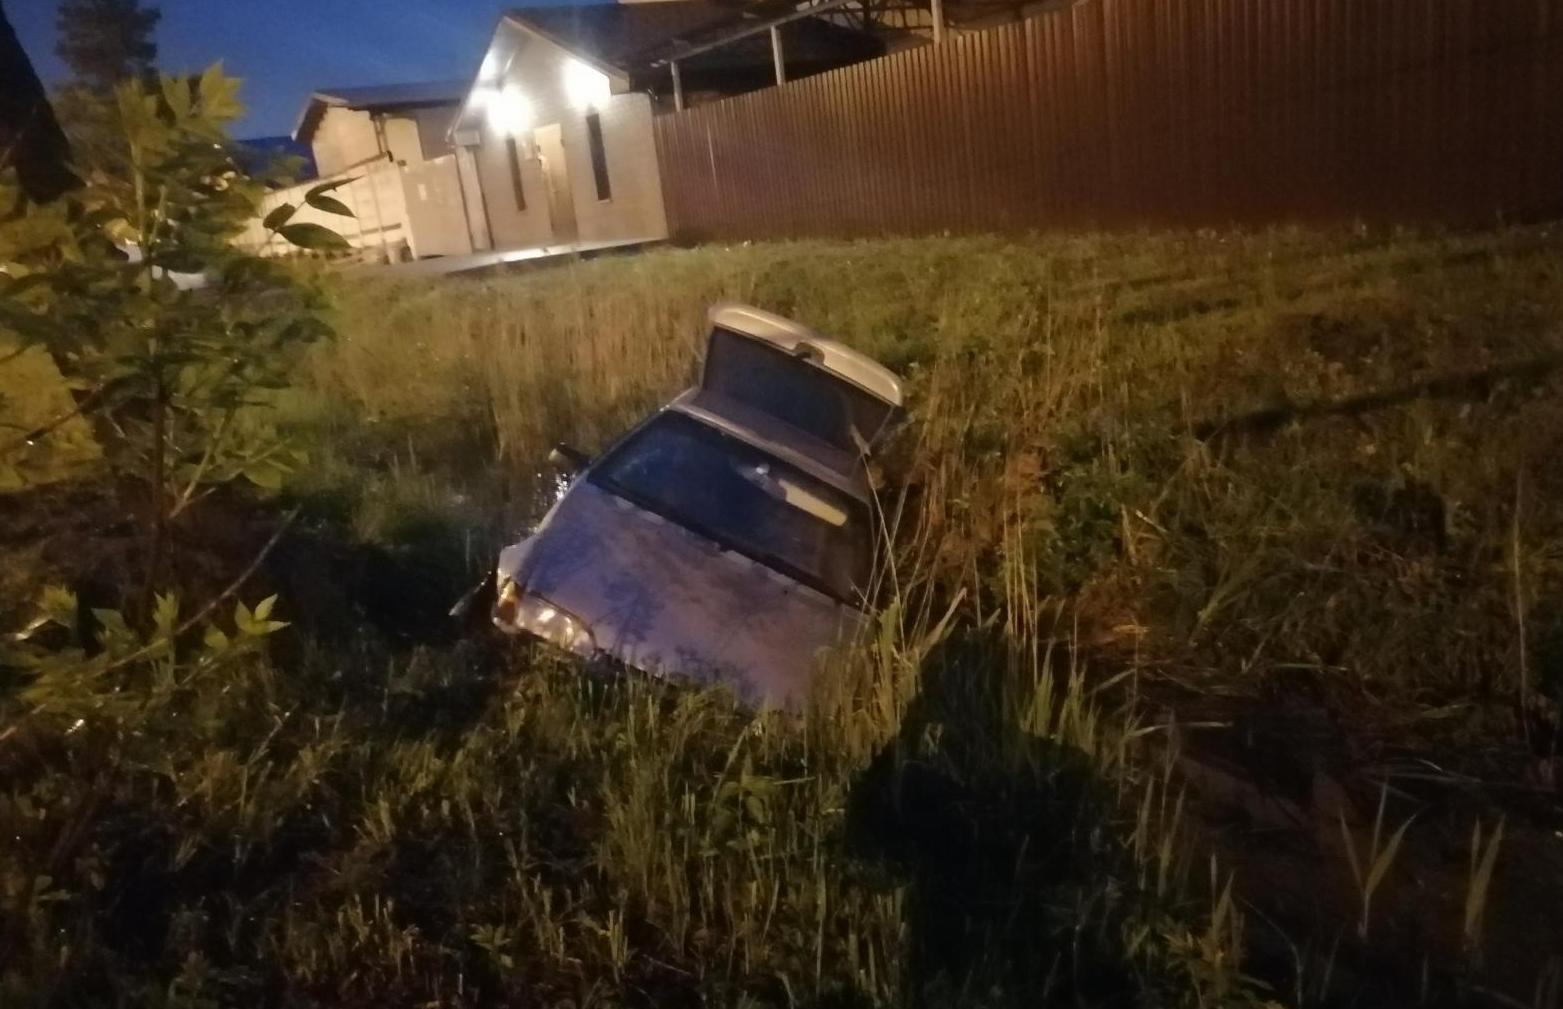 В Твери водитель скрылся с места ДТП с пострадавшим - новости Афанасий